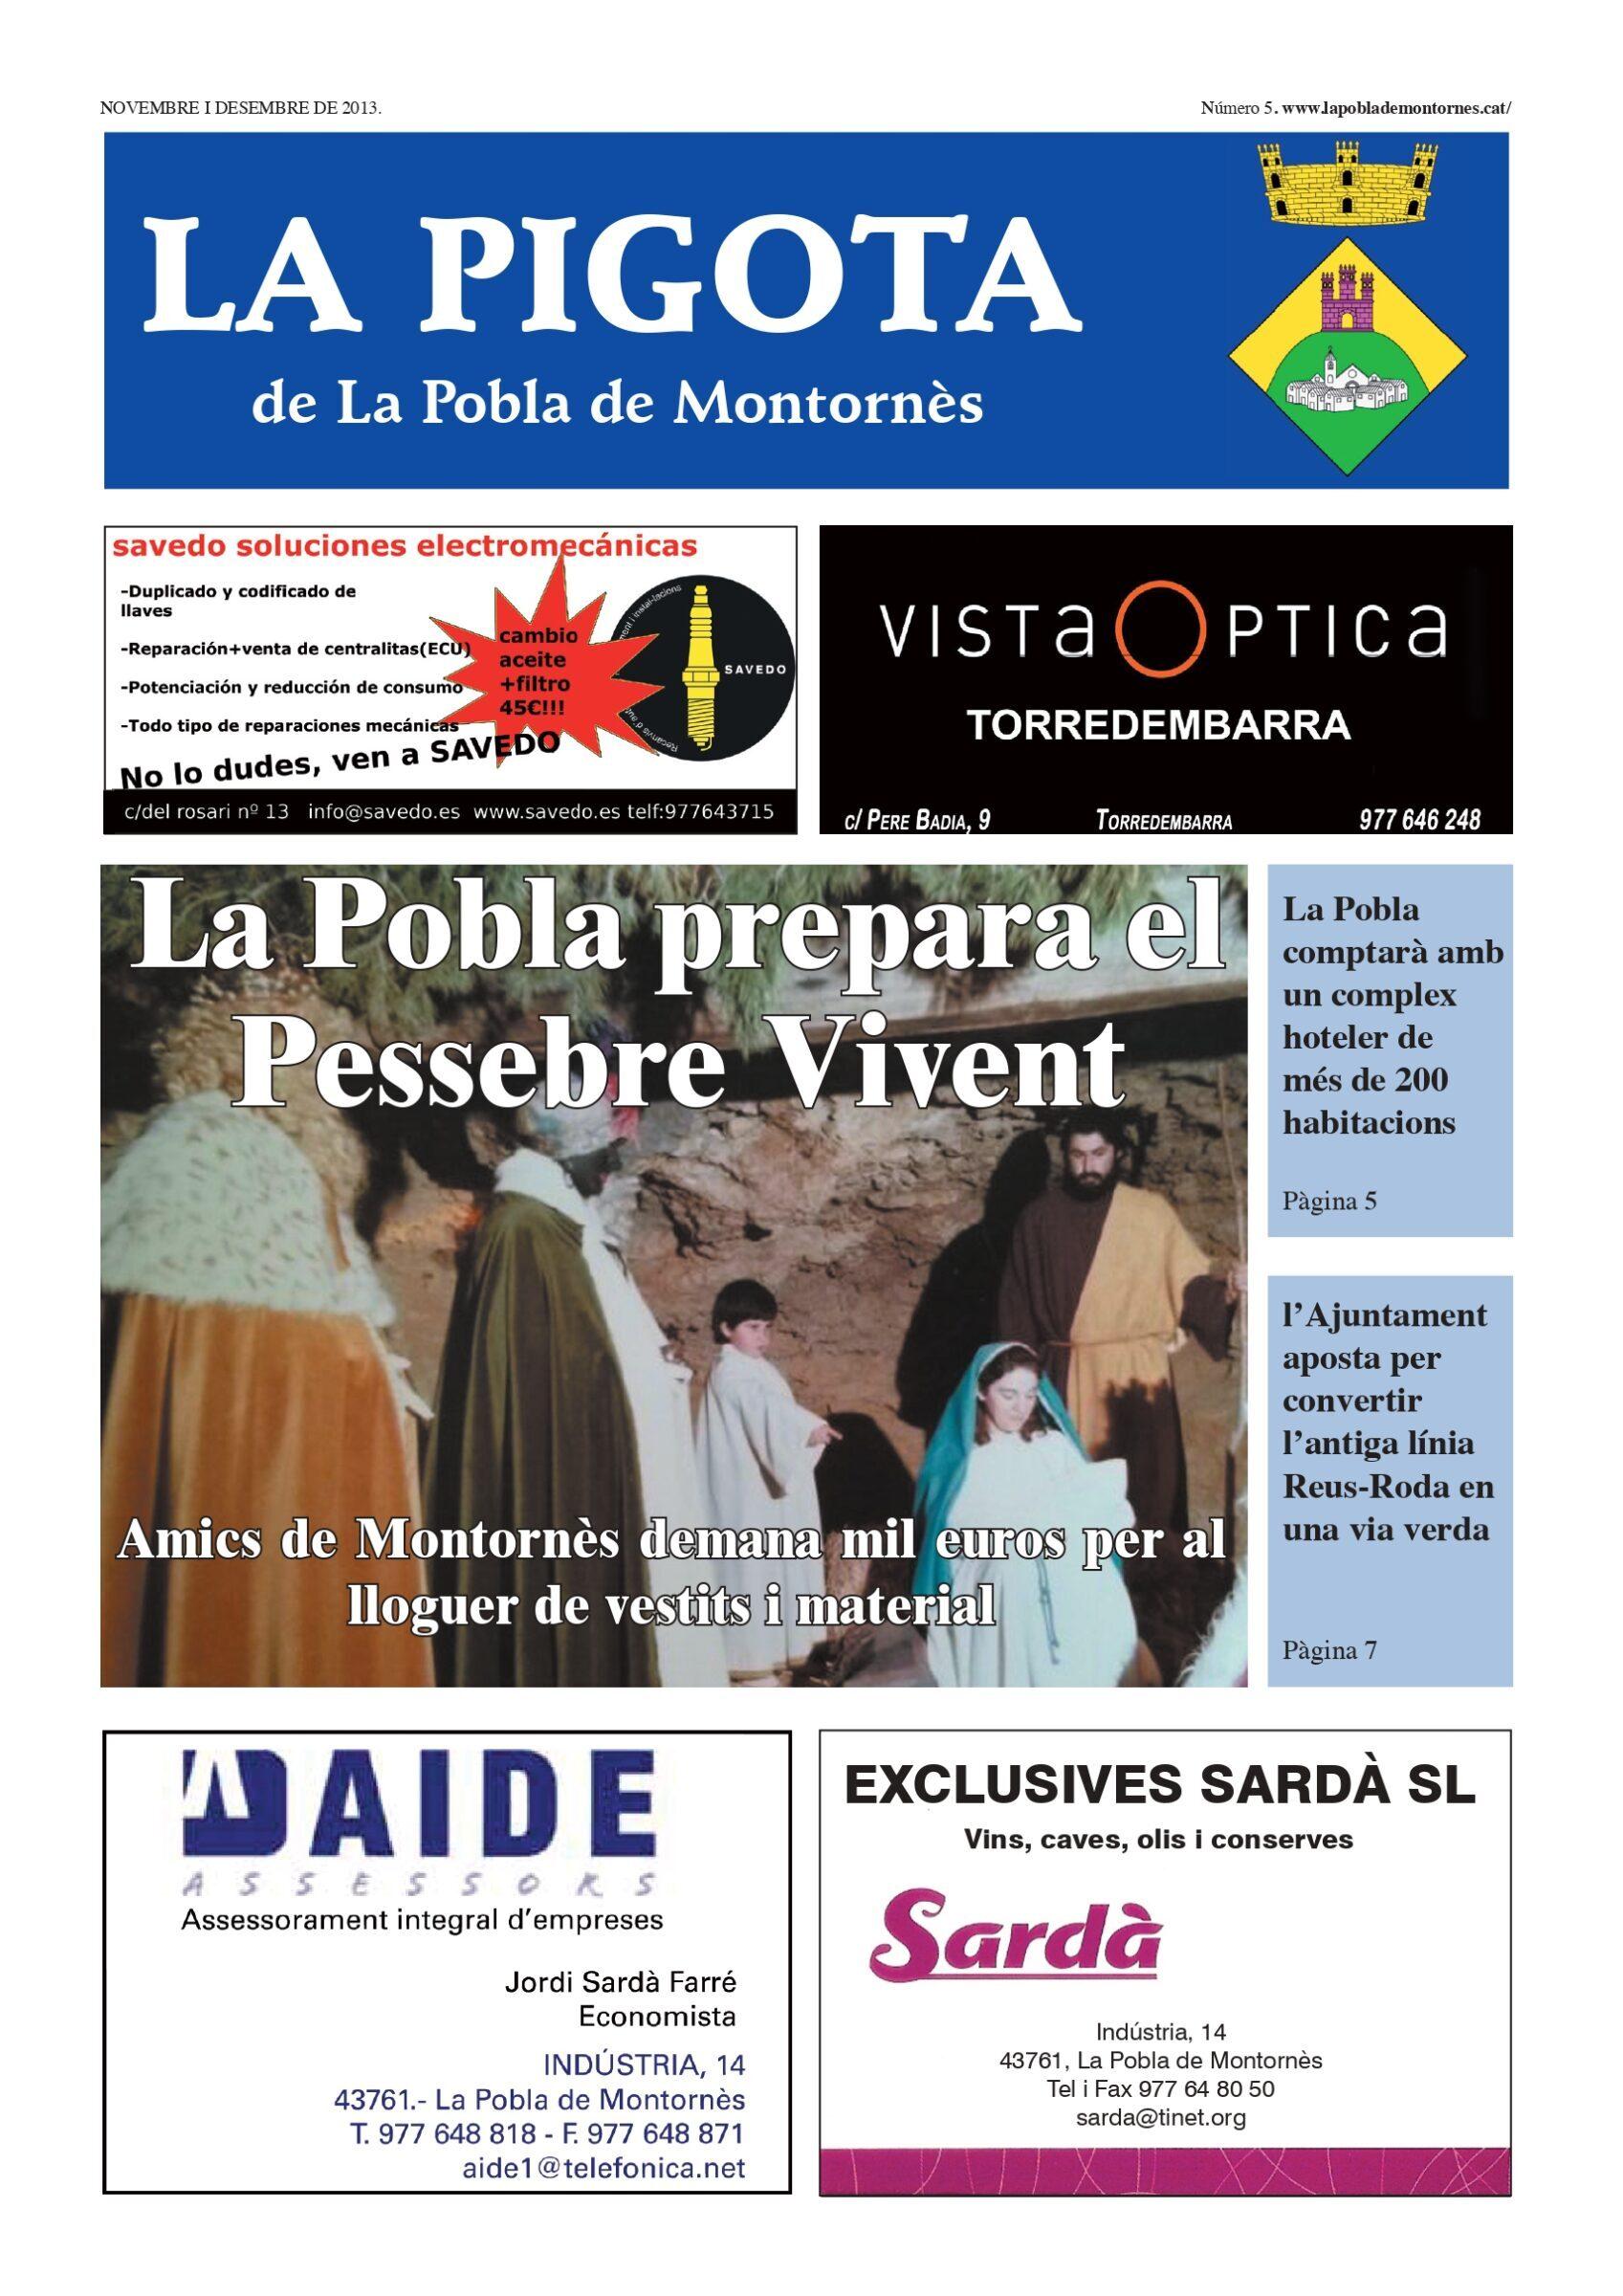 Revista La Pigota núm. 5 (Novembre i Desembre 2013)